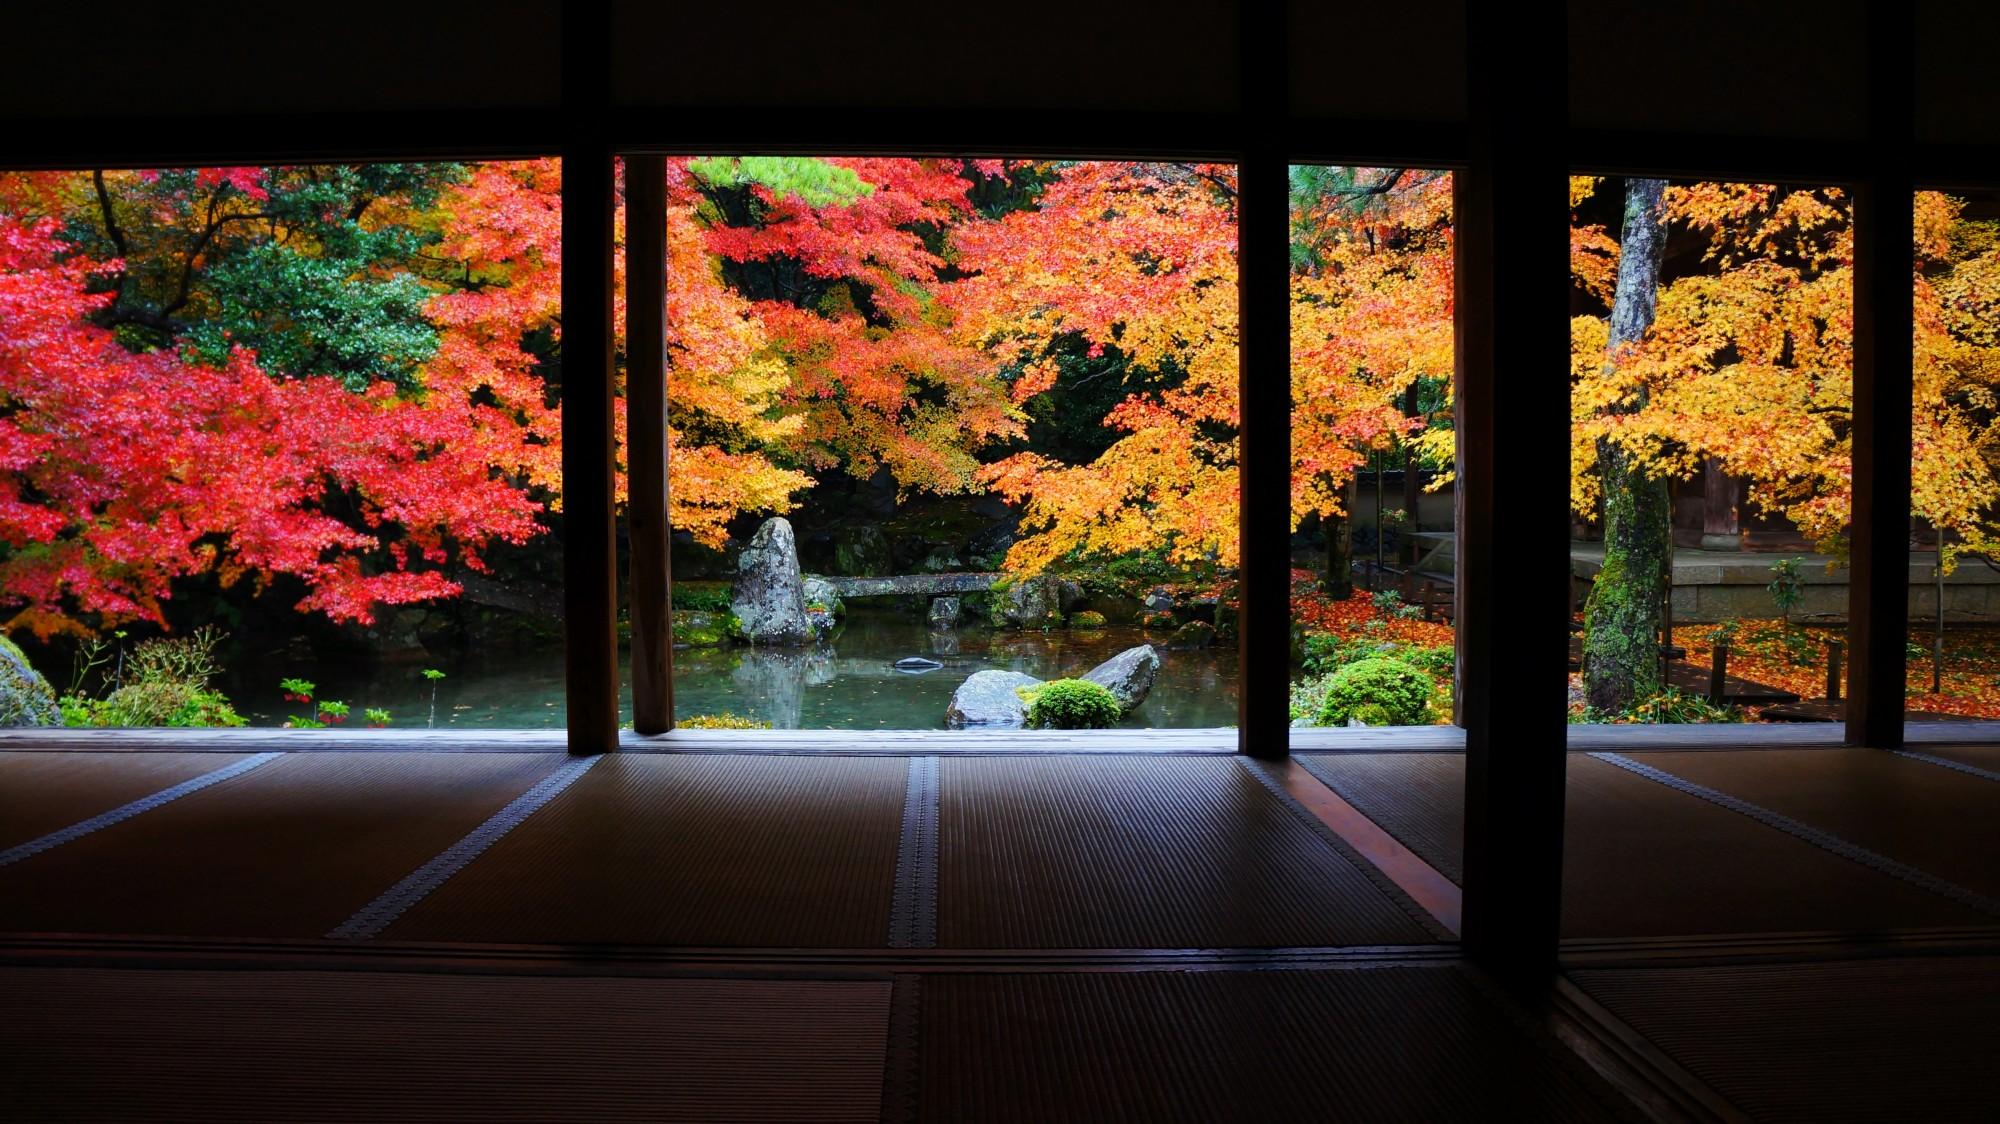 蓮華寺 紅葉 極上の秋の彩り